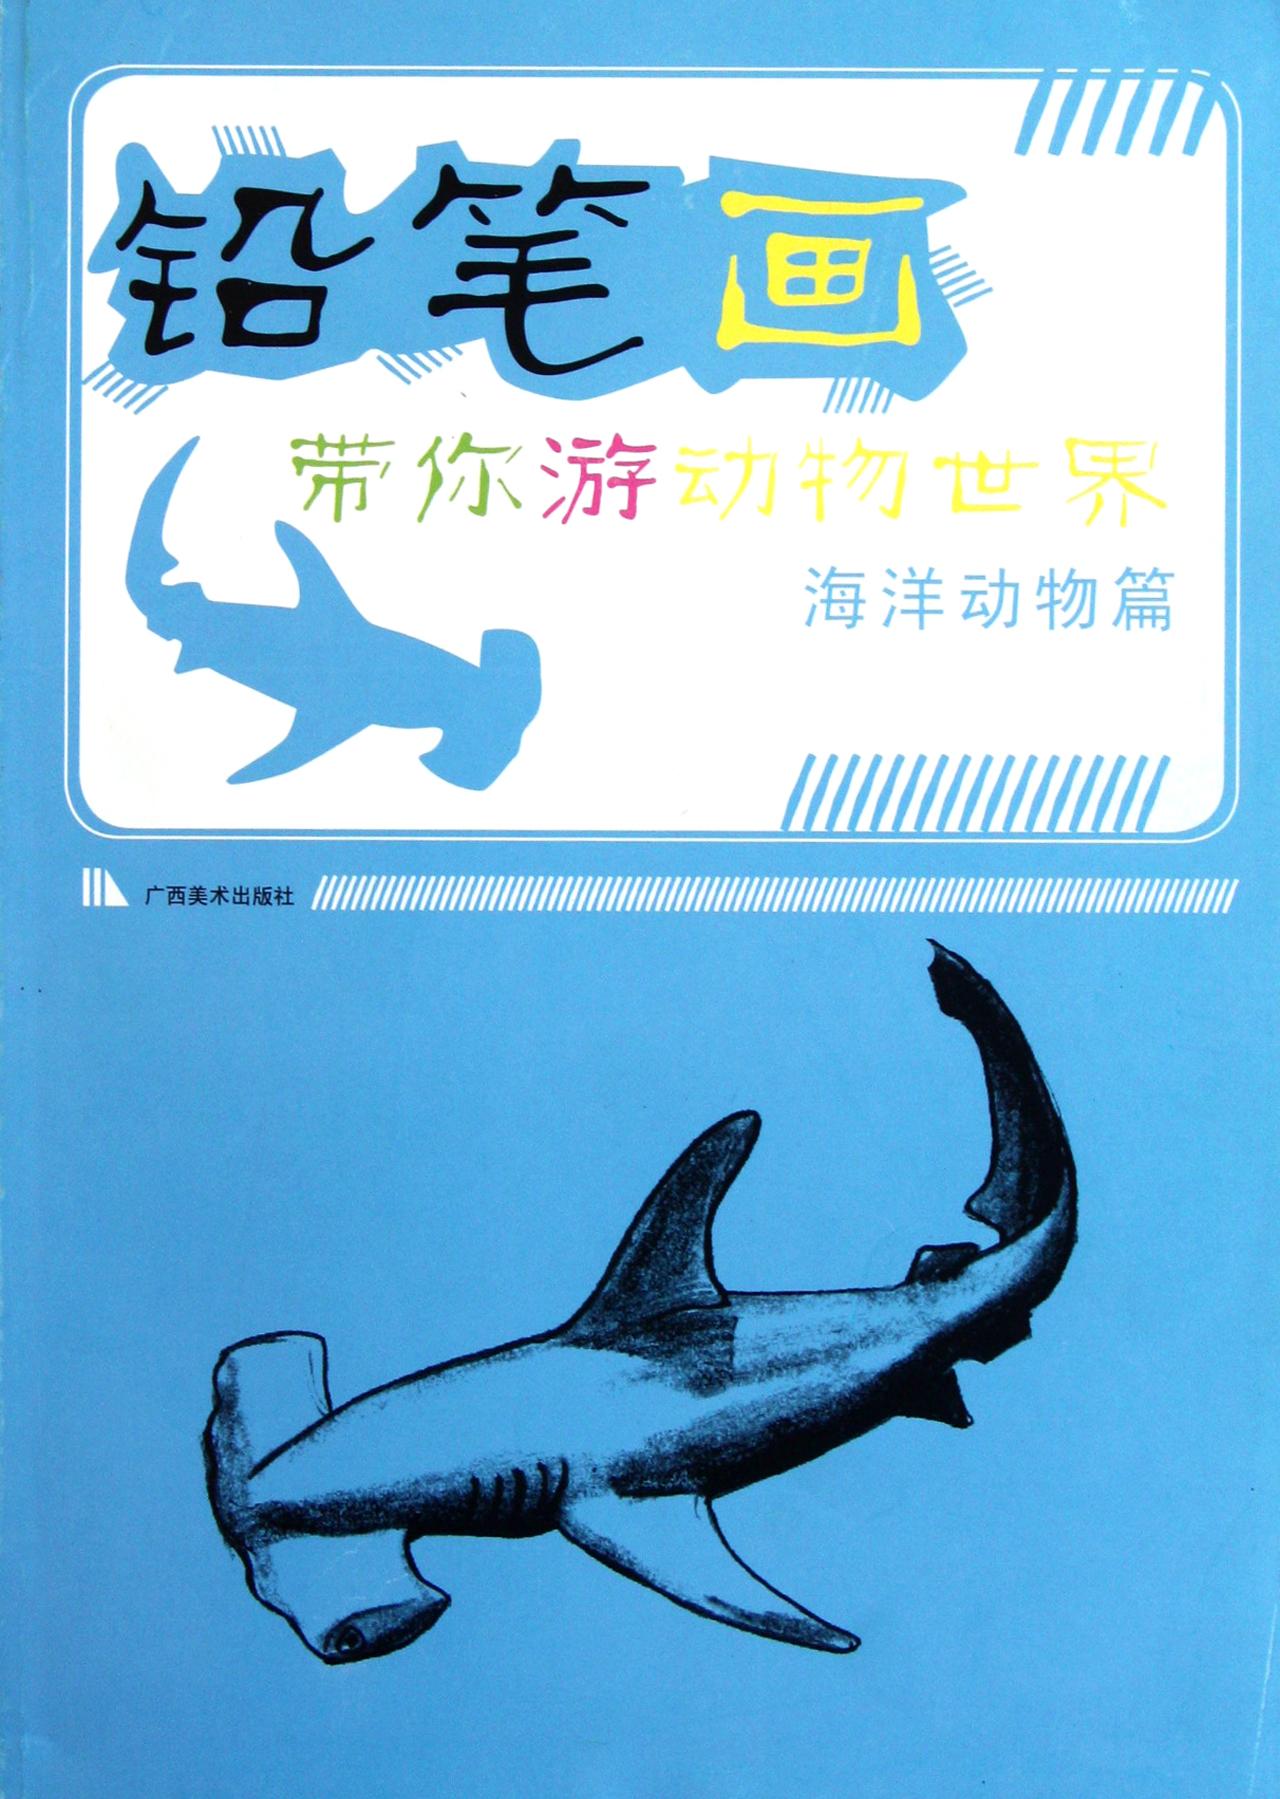 铅笔画带你游动物世界(海洋动物篇)